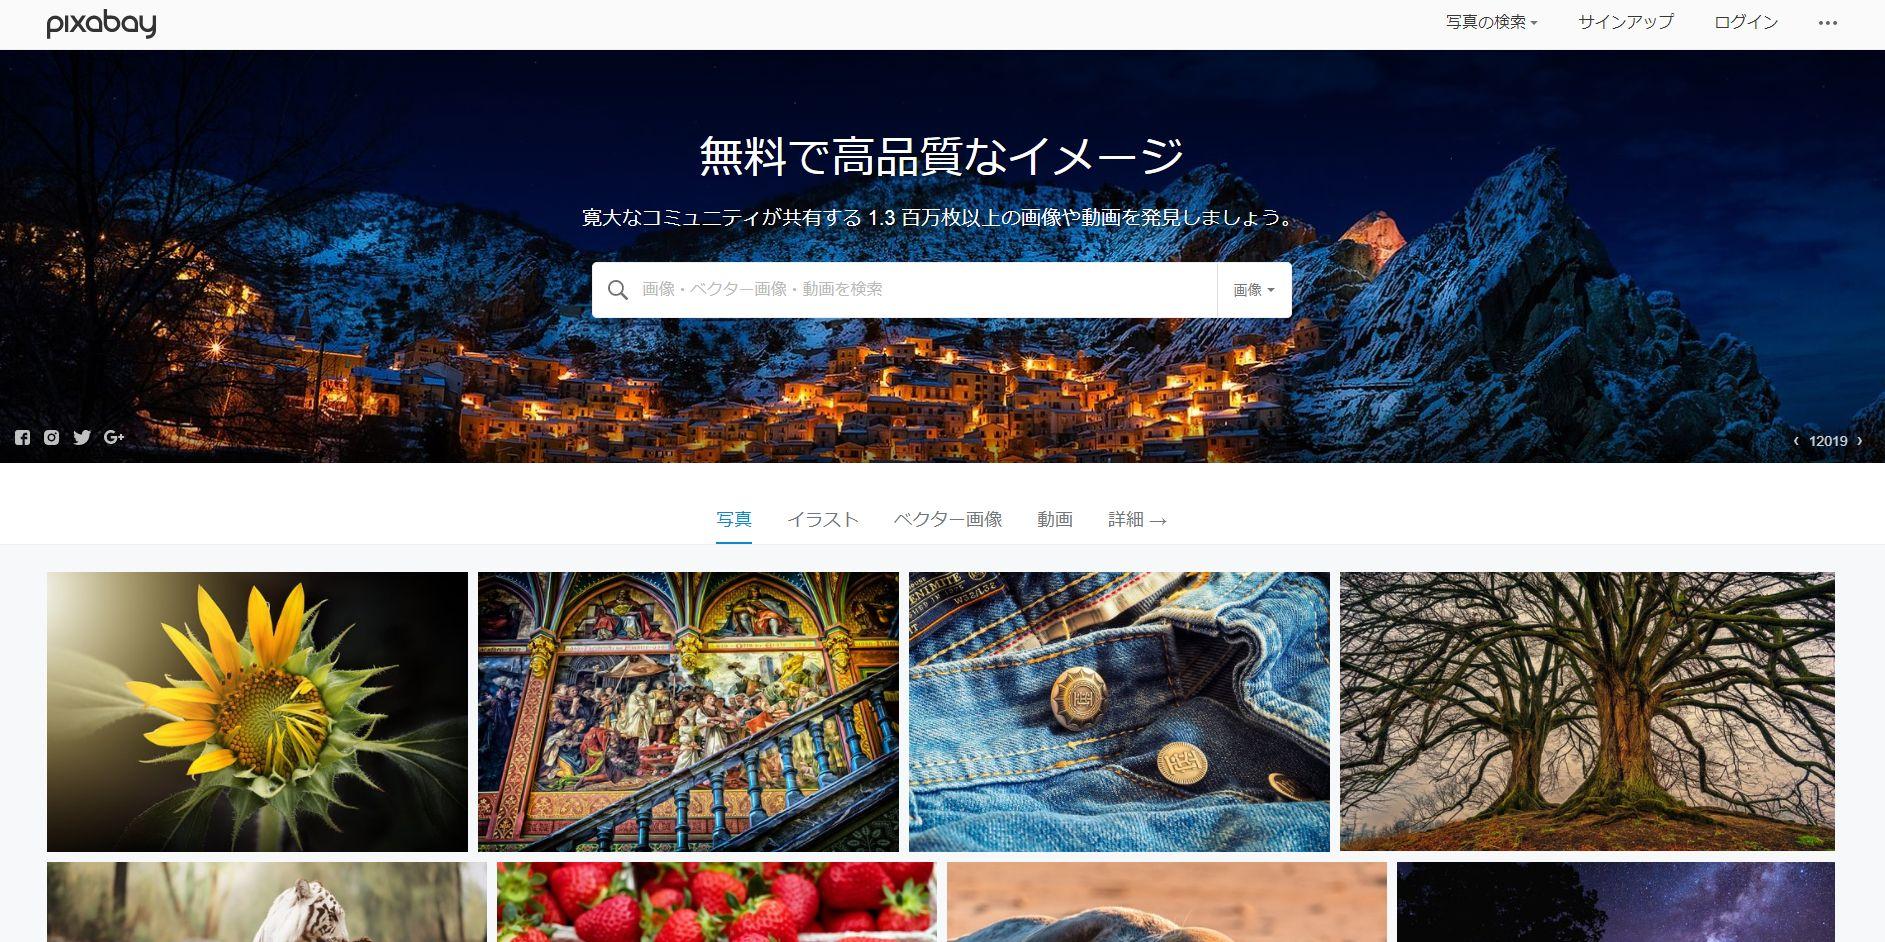 アフィリエイトで使用できる無料画像素材が豊富なサイト4選!!